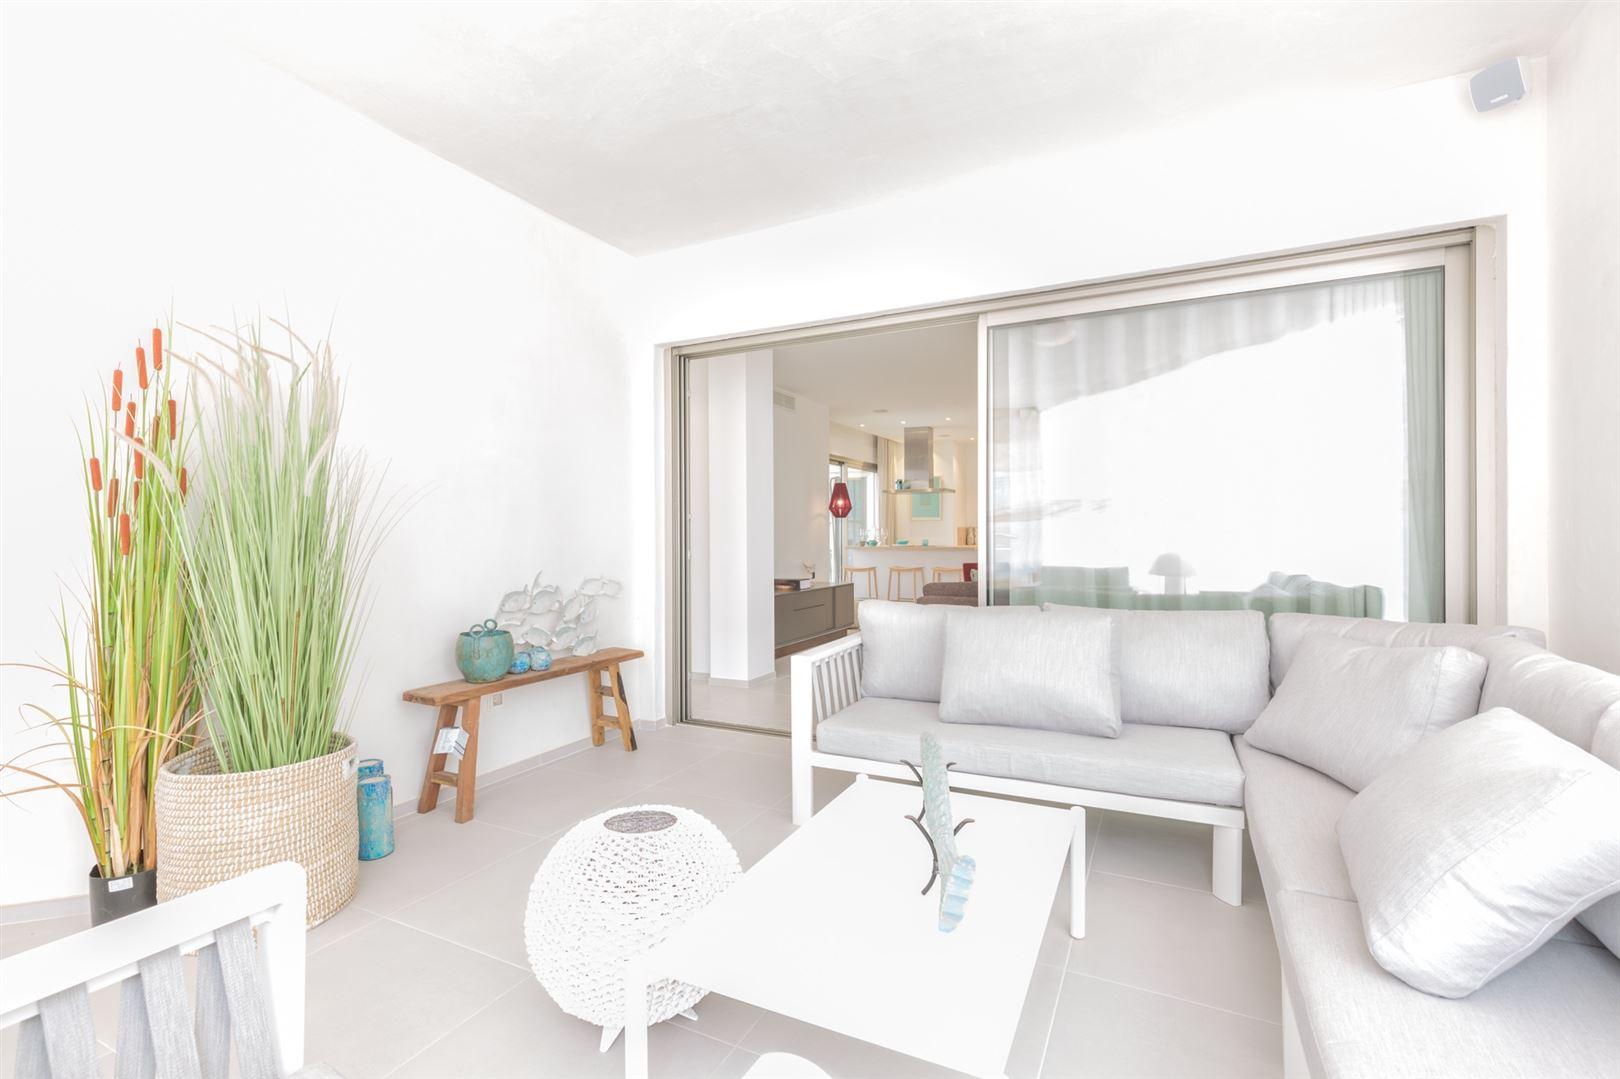 Foto 12 : Appartement te  ARONA - PALM MAR (Spanje) - Prijs Prijs op aanvraag